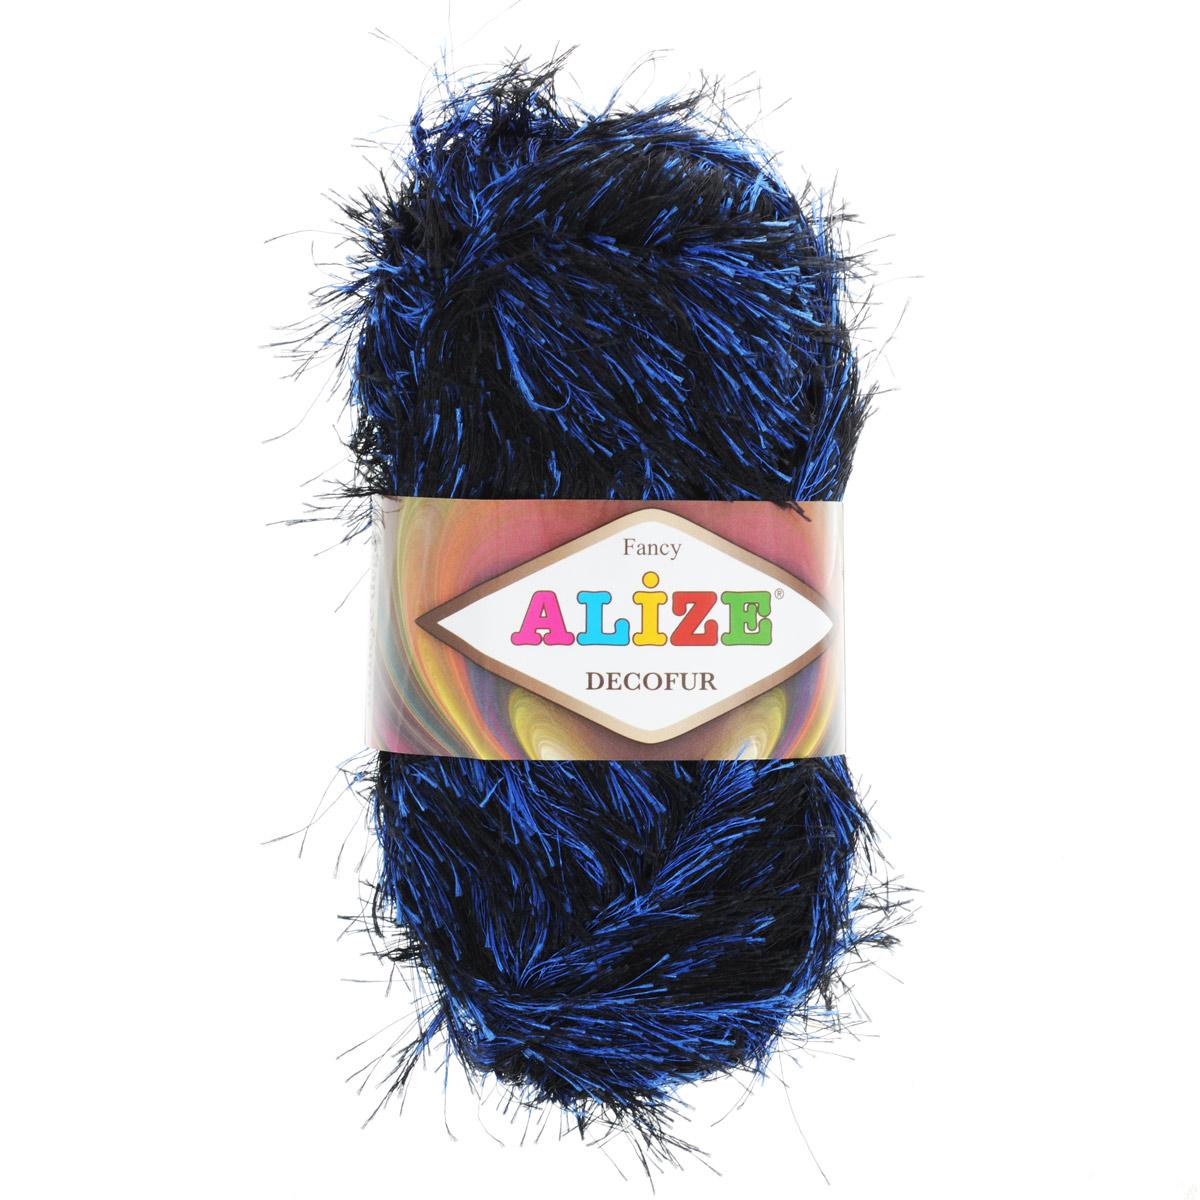 Пряжа для вязания Alize Decofur, цвет: черный, синий (1379), 110 м, 100 г, 5 шт364128_1379Пряжа для вязания Alize Decofur изготовлена из полиэстера. Пряжа-травка предназначена для ручного вязания и идеально подходит для отделки. Готовый ворс получается равным 4 см. Рекомендованные спицы для вязания 6-8 мм. Рекомендованный крючок для вязания 3-4 мм. Комплектация: 5 мотков. Состав: 100% полиэстер.